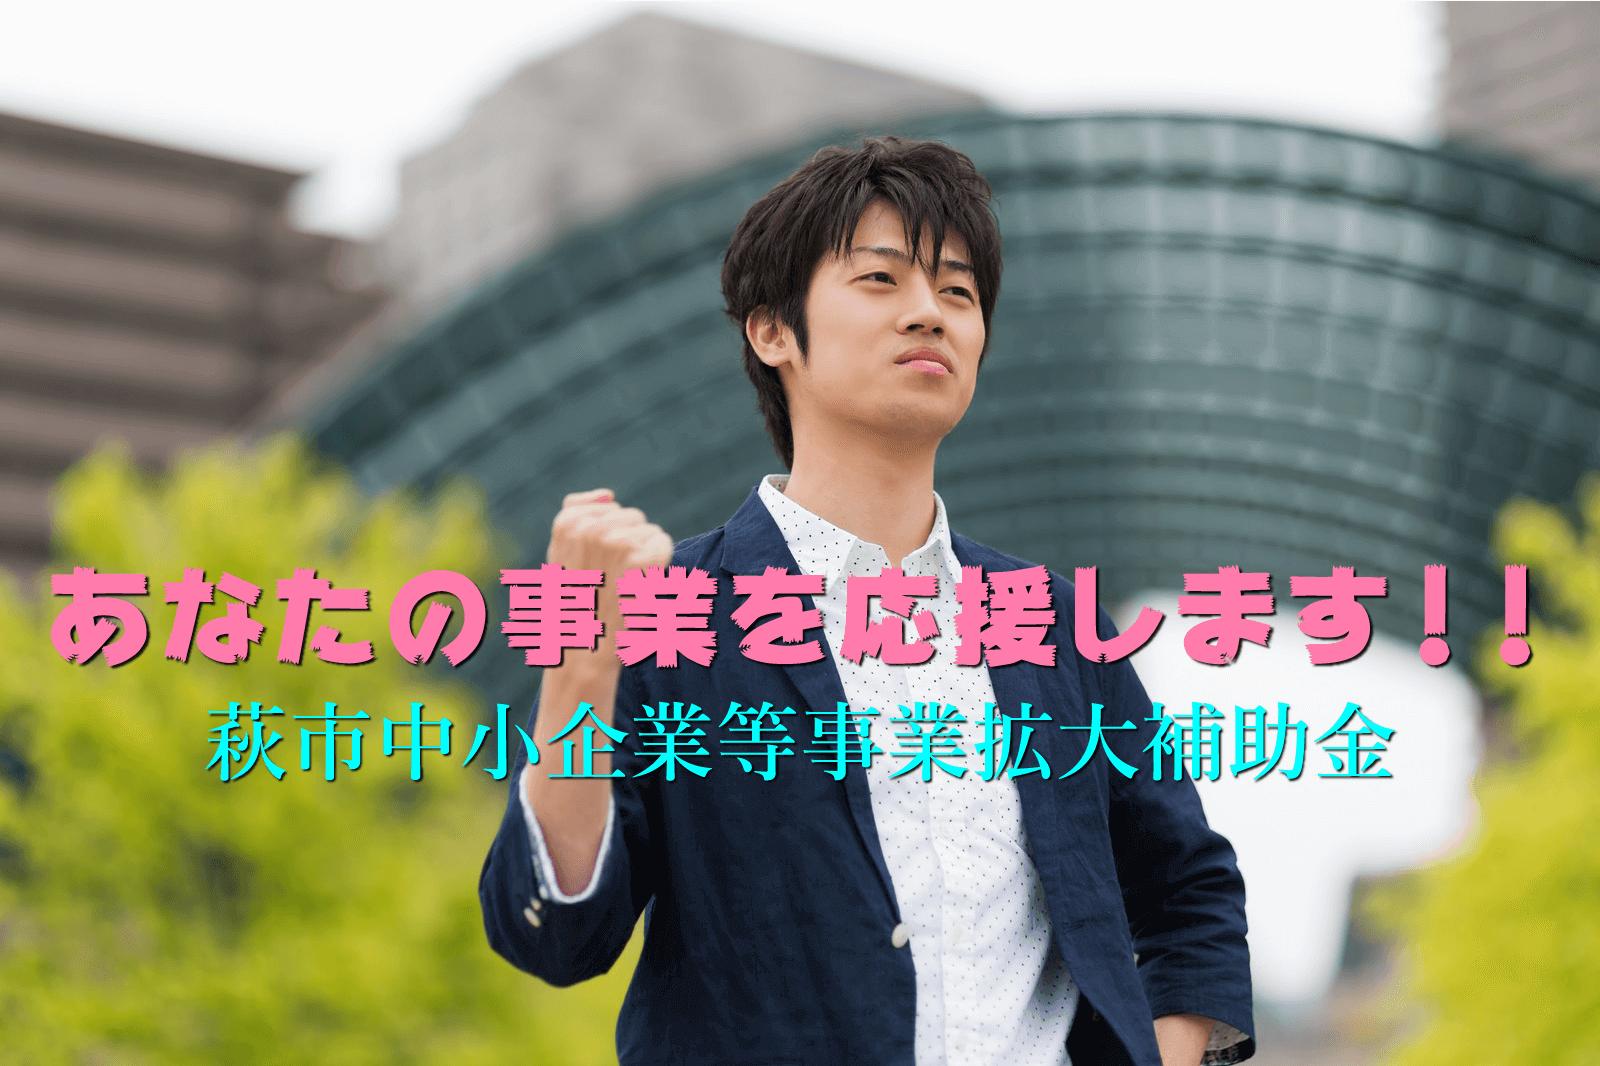 【もうすぐ終了】今がチャンス!!萩市中小企業等事業拡大補助金